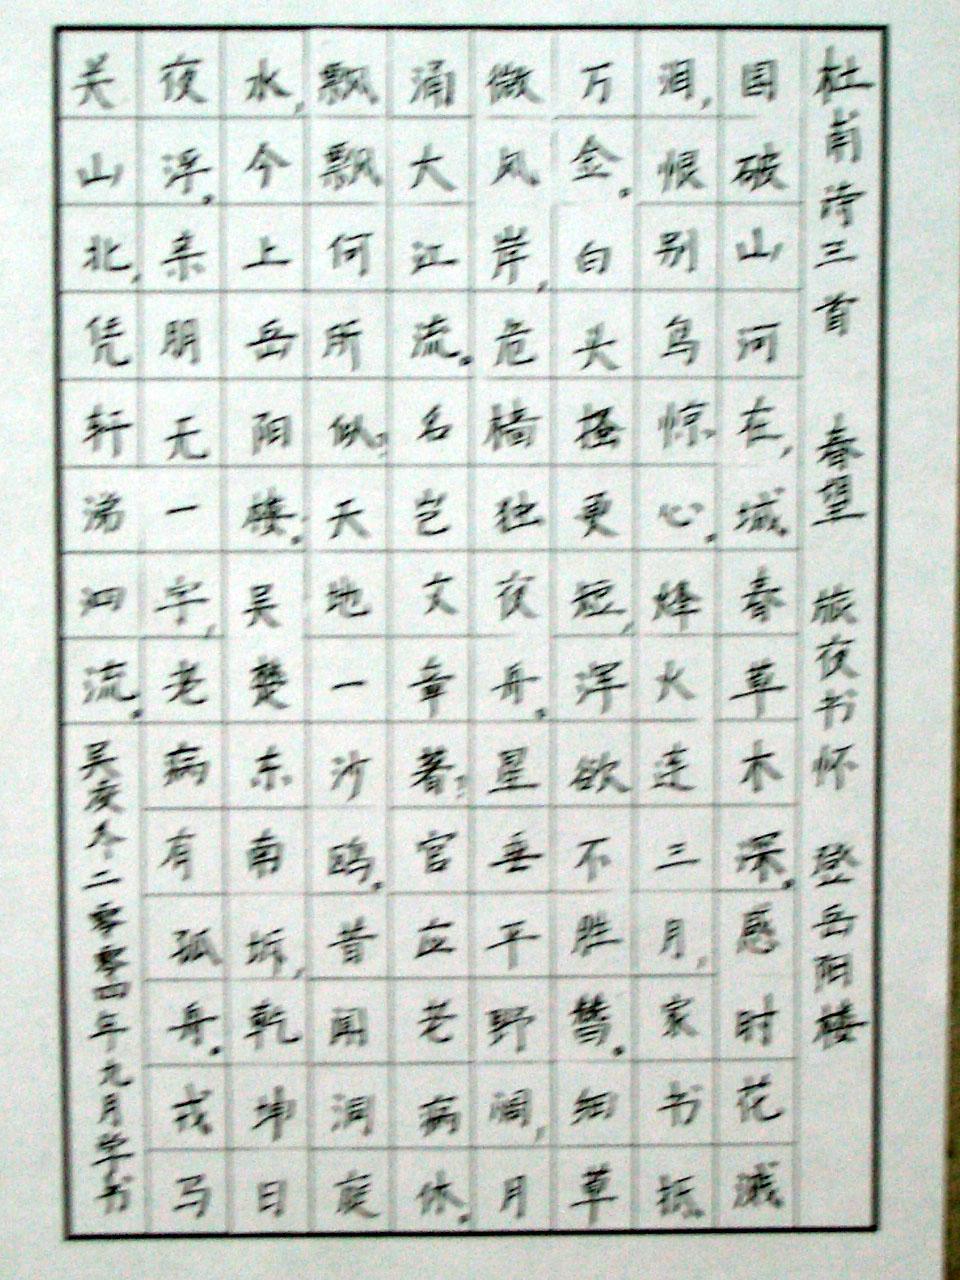 吴凌冬硬笔书法